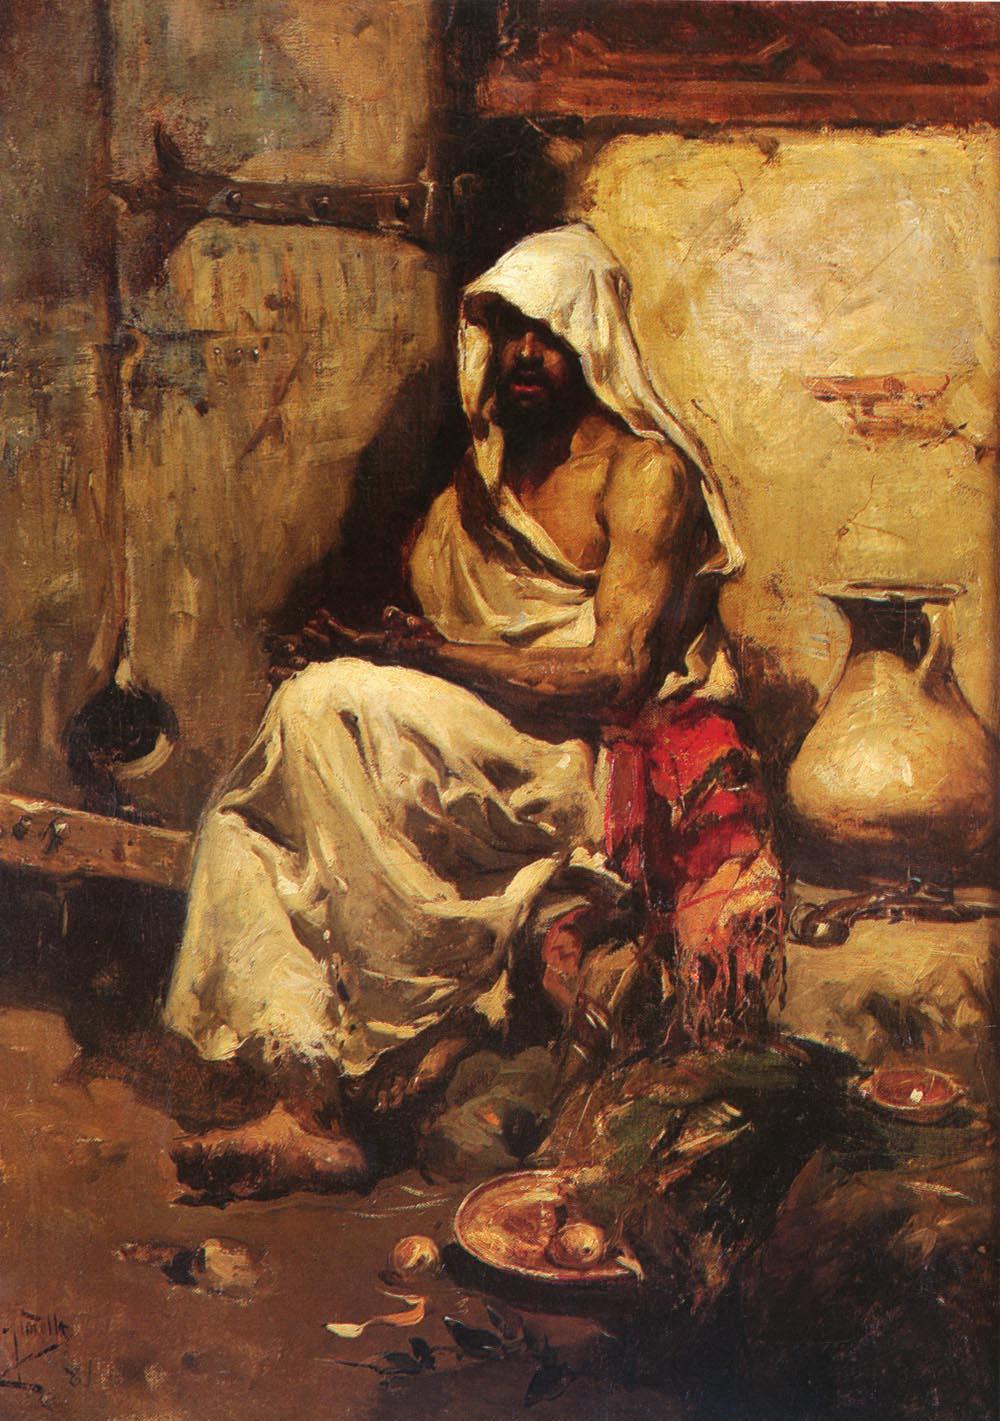 Un Arabe Examinando Una Pistola   Joaquin Y Bastida Sorolla   oil painting